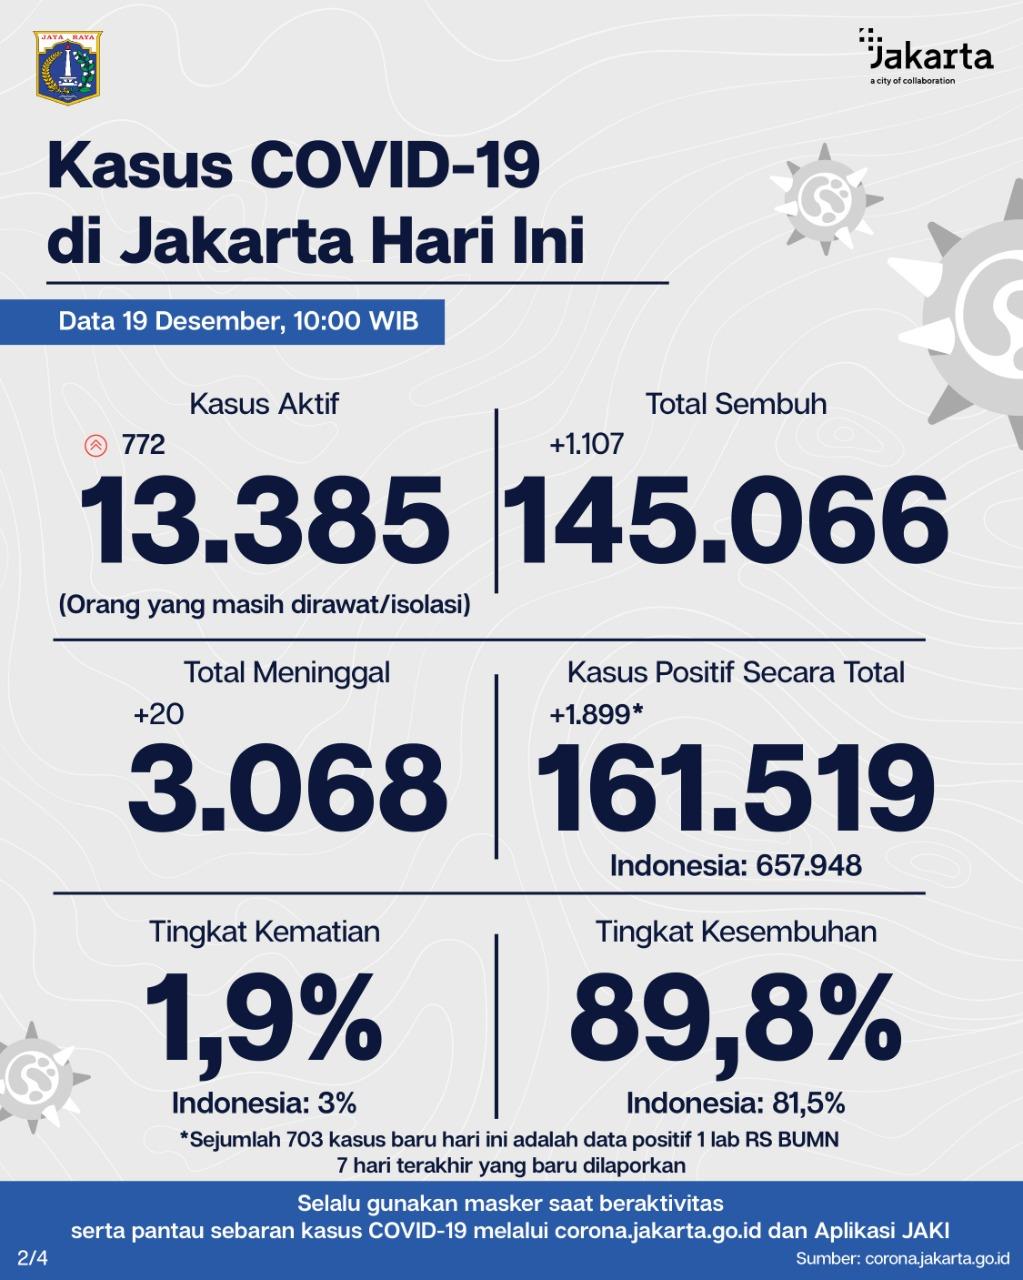 Pemprov Dki Jakarta On Twitter Terbaru Penanganan Covid19 Di Jakarta 1 2 Update Data Tes Kasus Pcr Dki Jakarta 19 Des 20 Strategi Tes Lacak Dan Isolasi Terus Digencarkan Utk Temukan Sebanyaknya